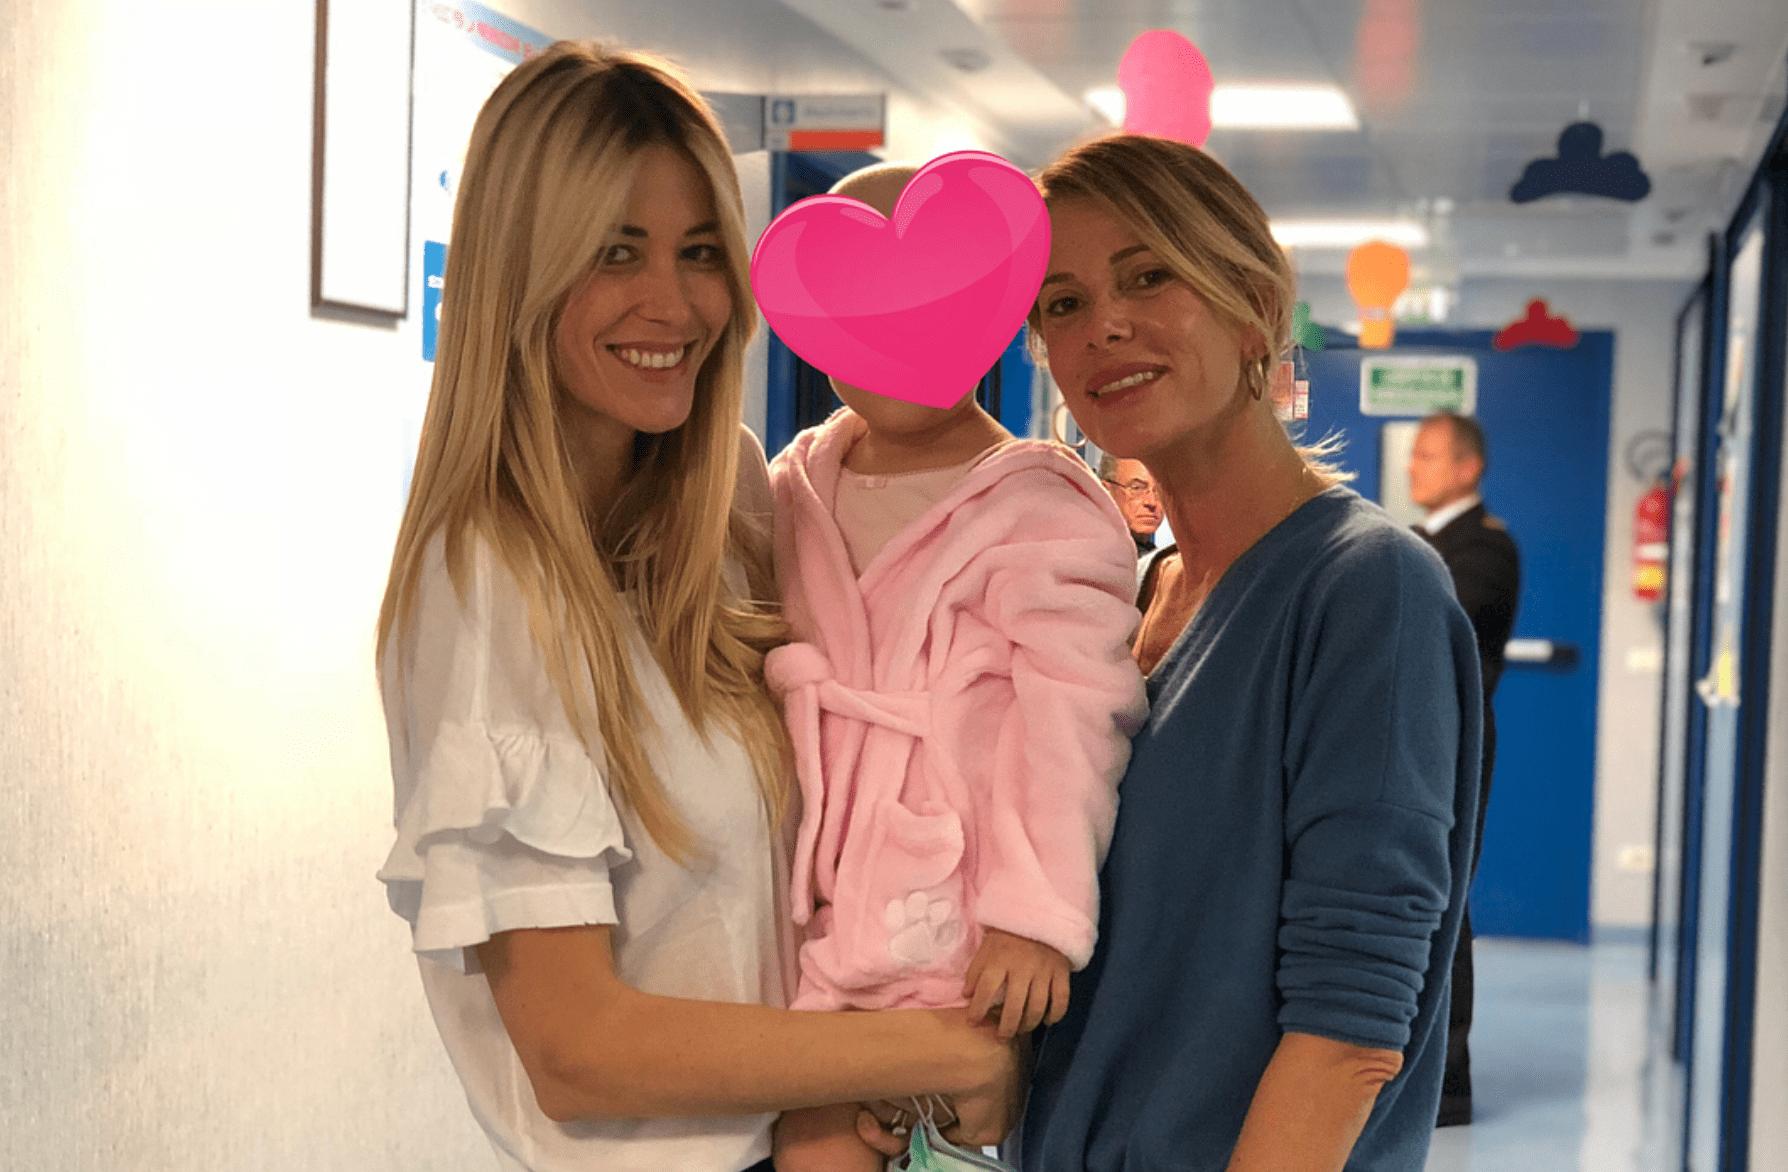 alessia marcuzzi e elena santarelli in ospedale dal figlio malato della showgirl